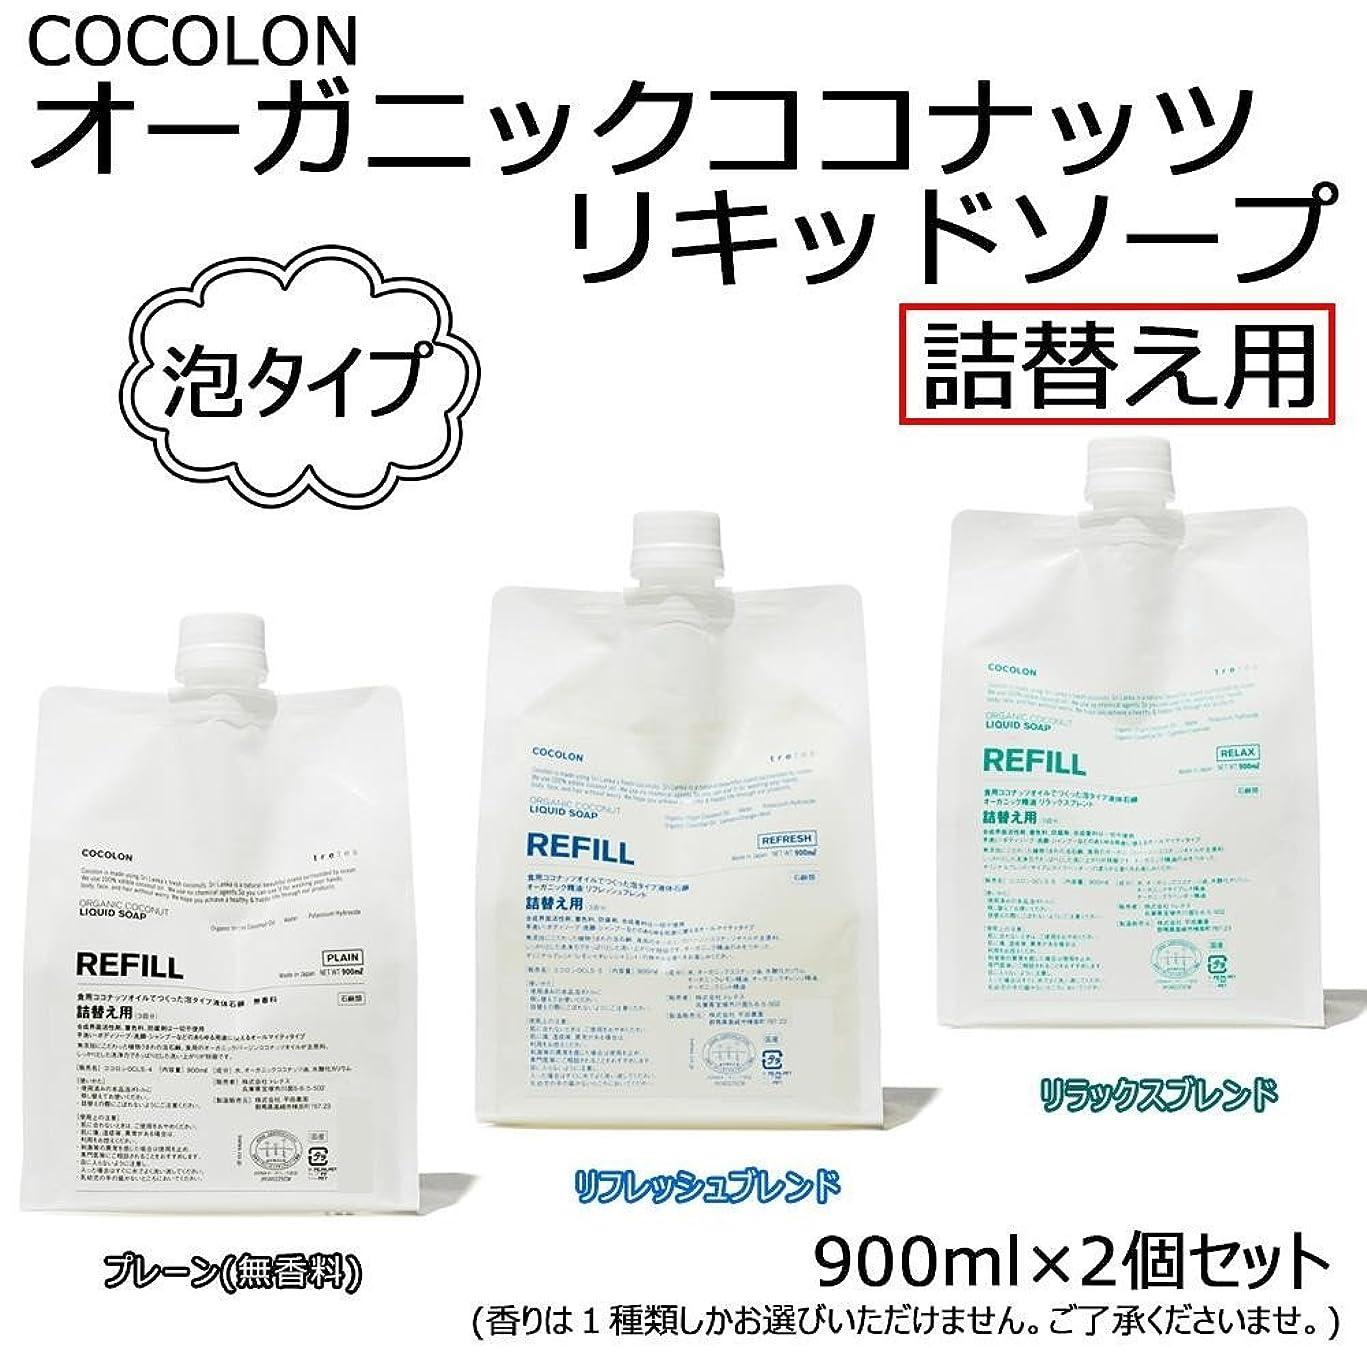 サミット集まる大気COCOLON ココロン オーガニックココナッツリキッドソープ 泡タイプ 詰替え用 900ml 2個セット【同梱?代引不可】 ■3種類の内「リフレッシュブレンド」のみです